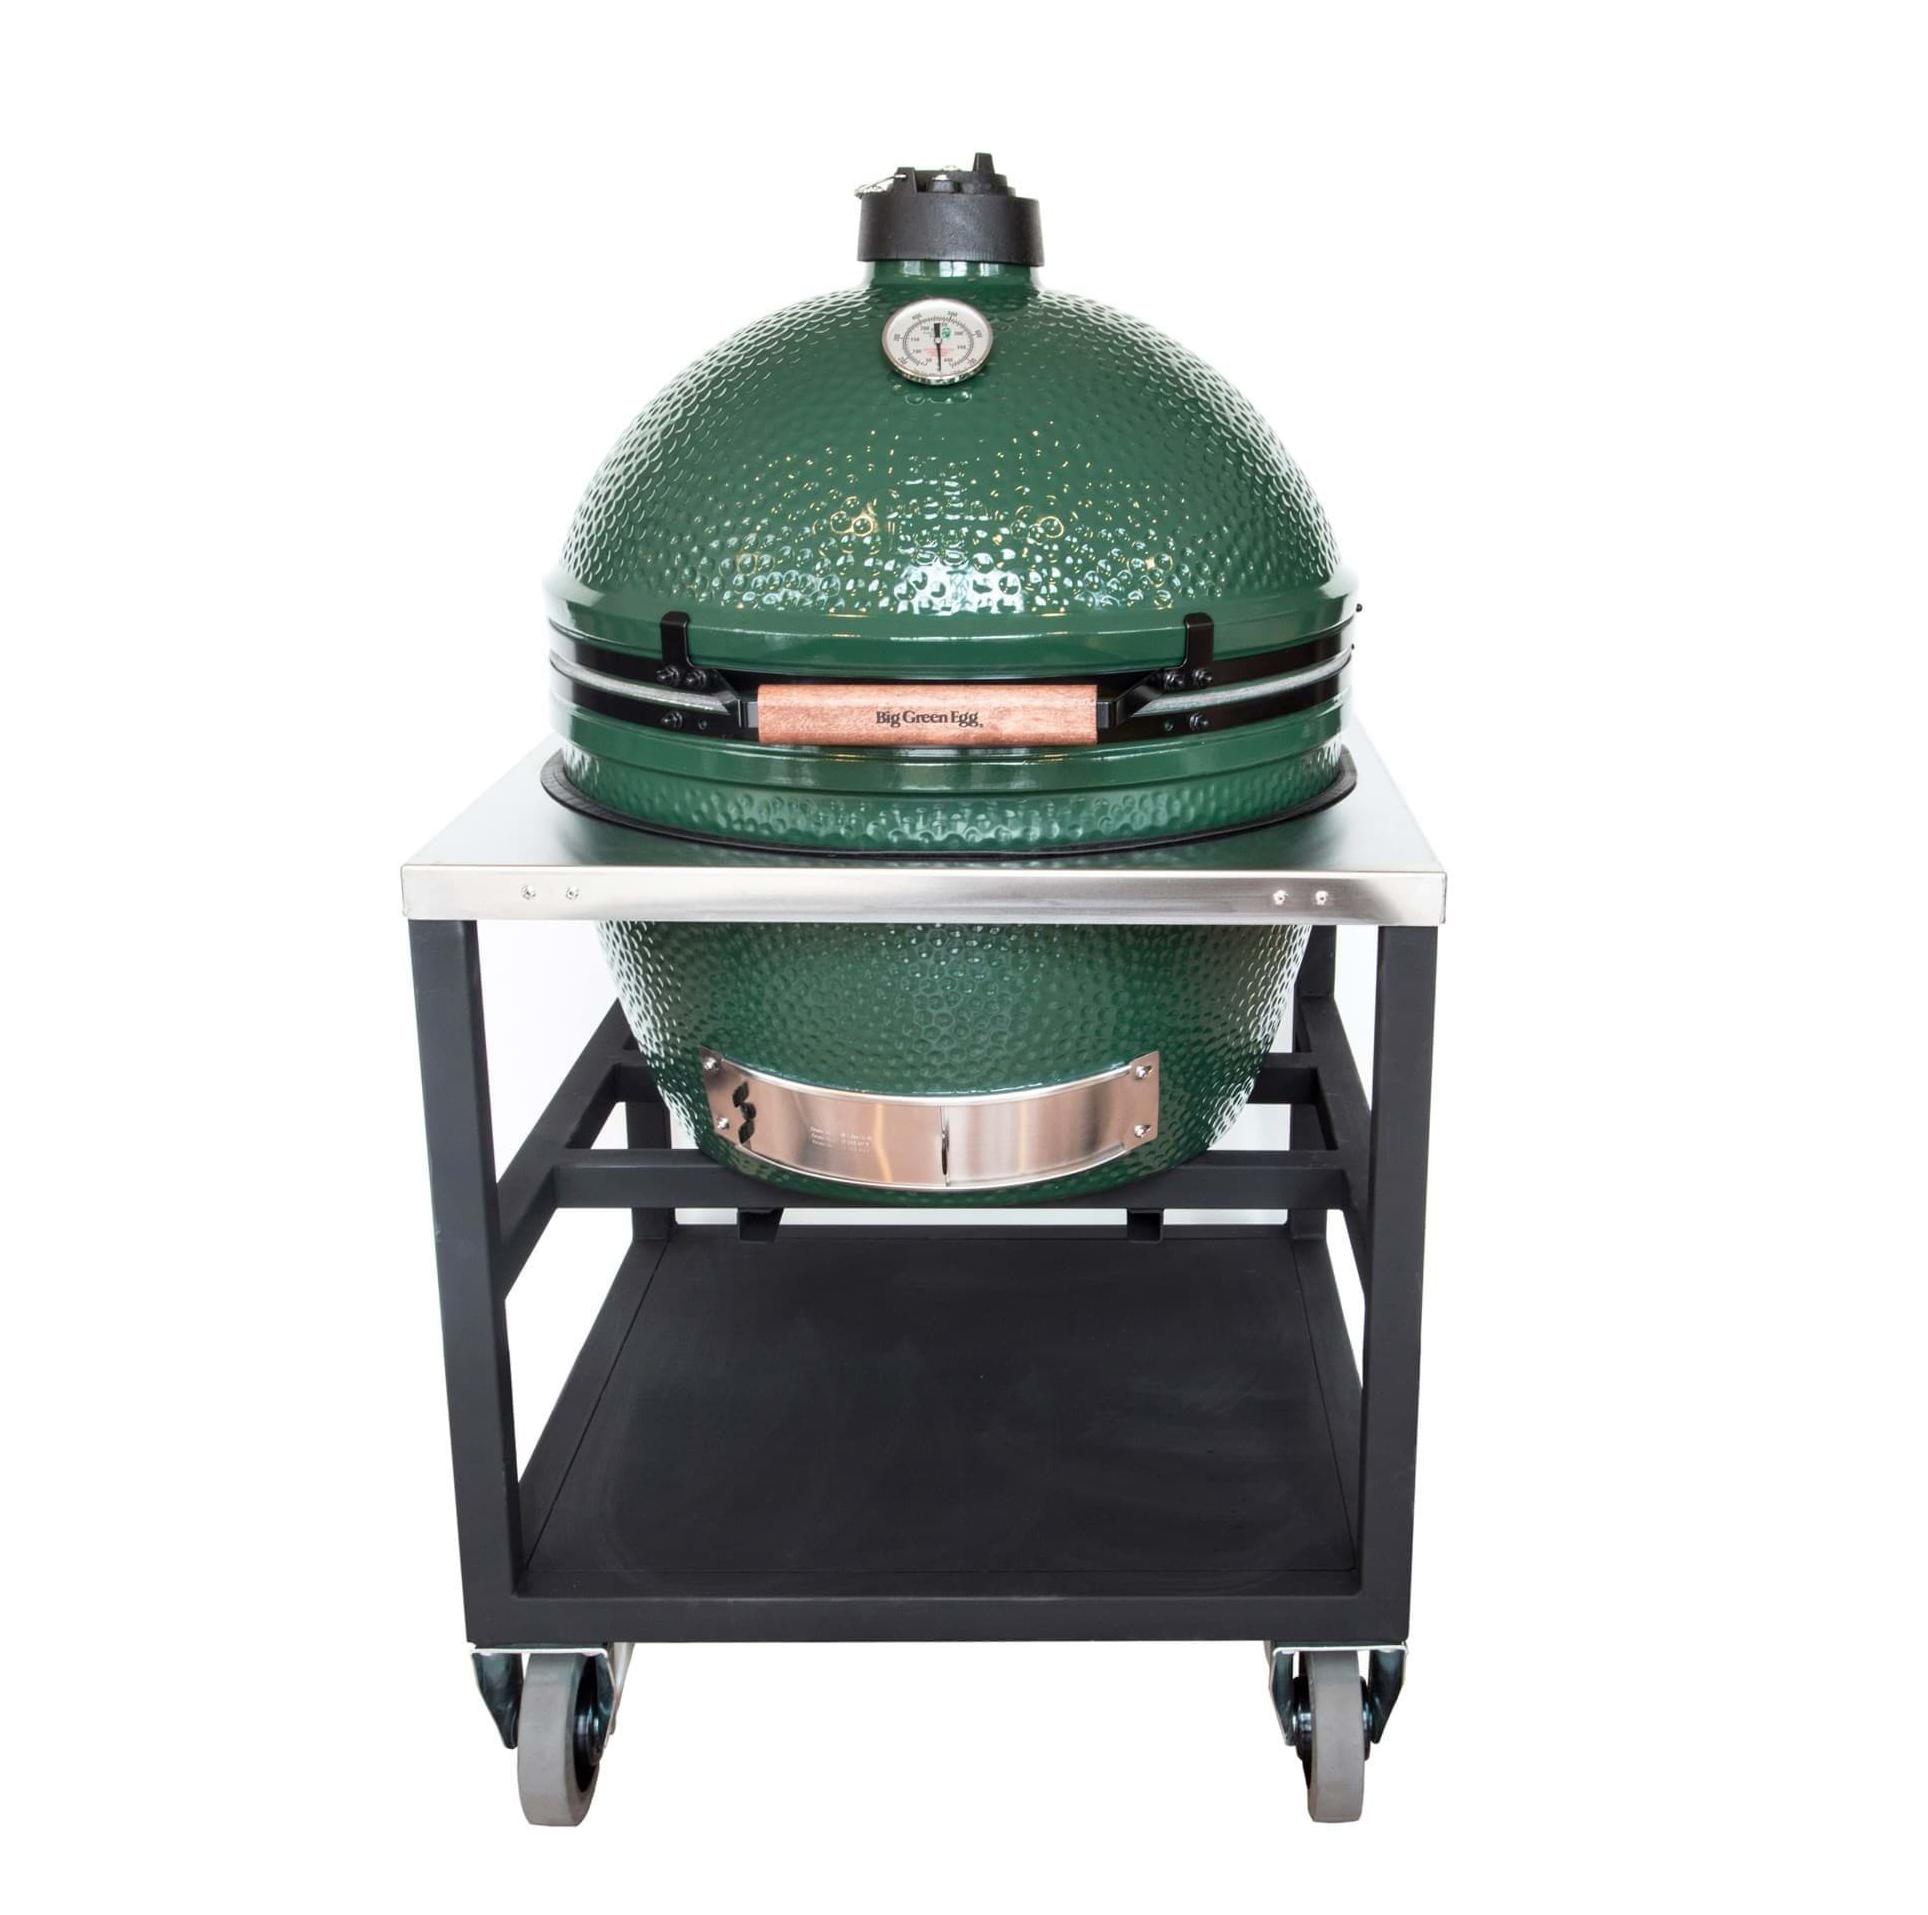 BBQ Winkel Specialist van Big Green Egg tot gasbarbecue